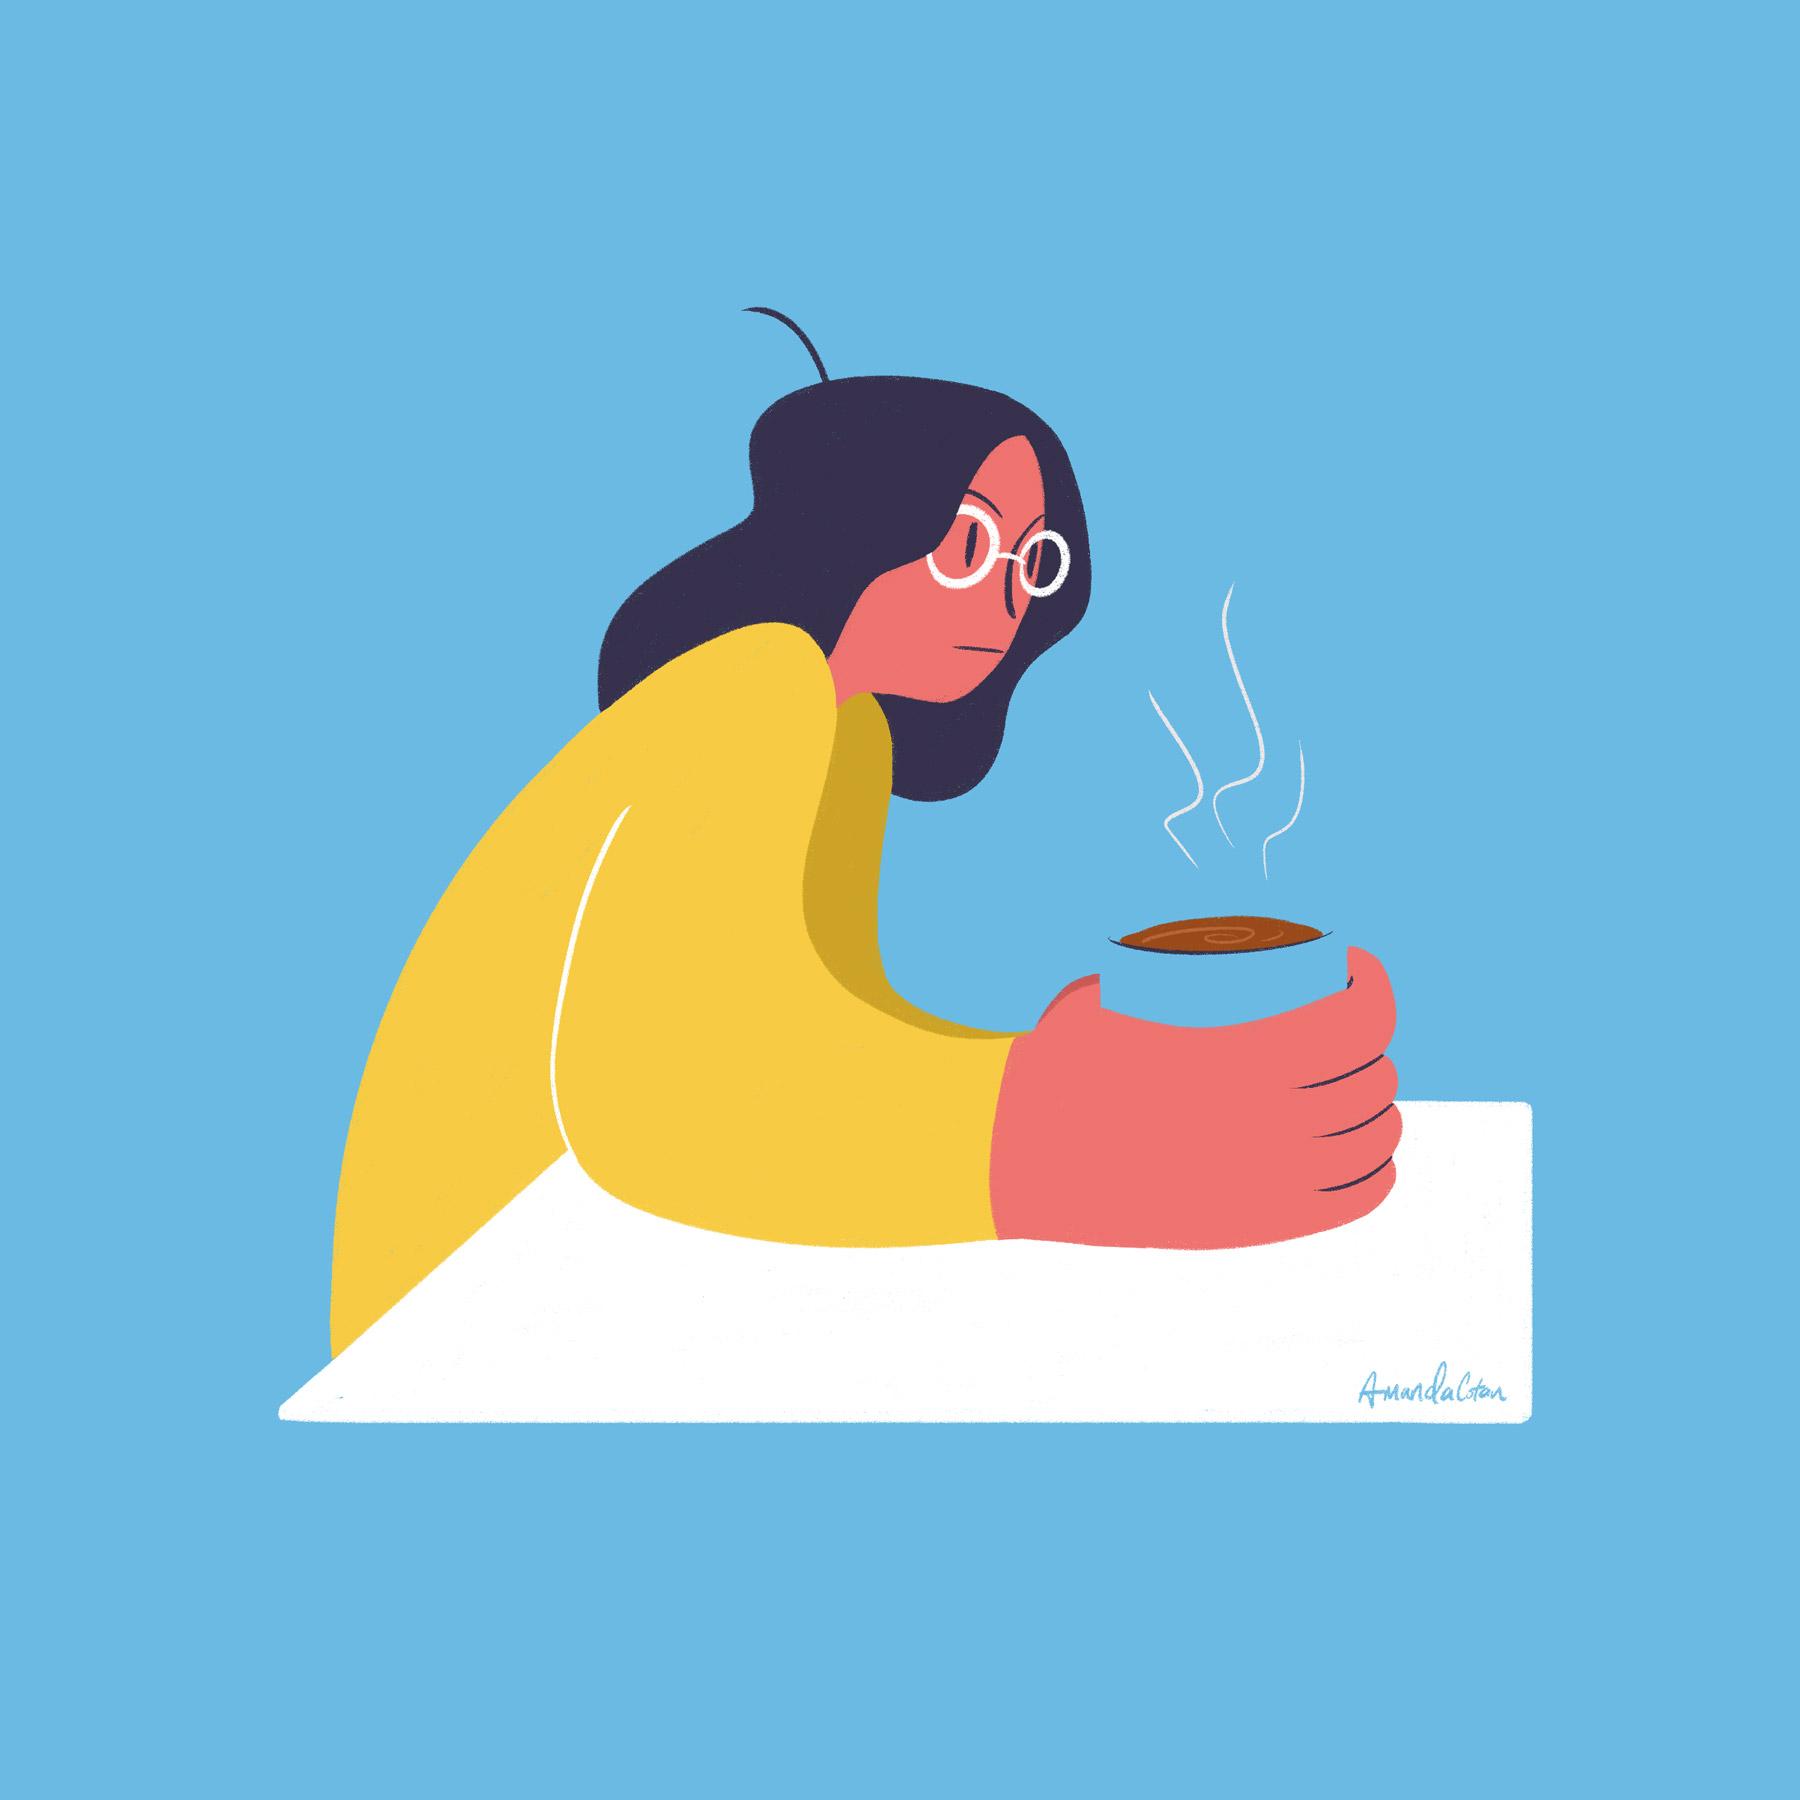 unfinishedcoffee_large.jpg